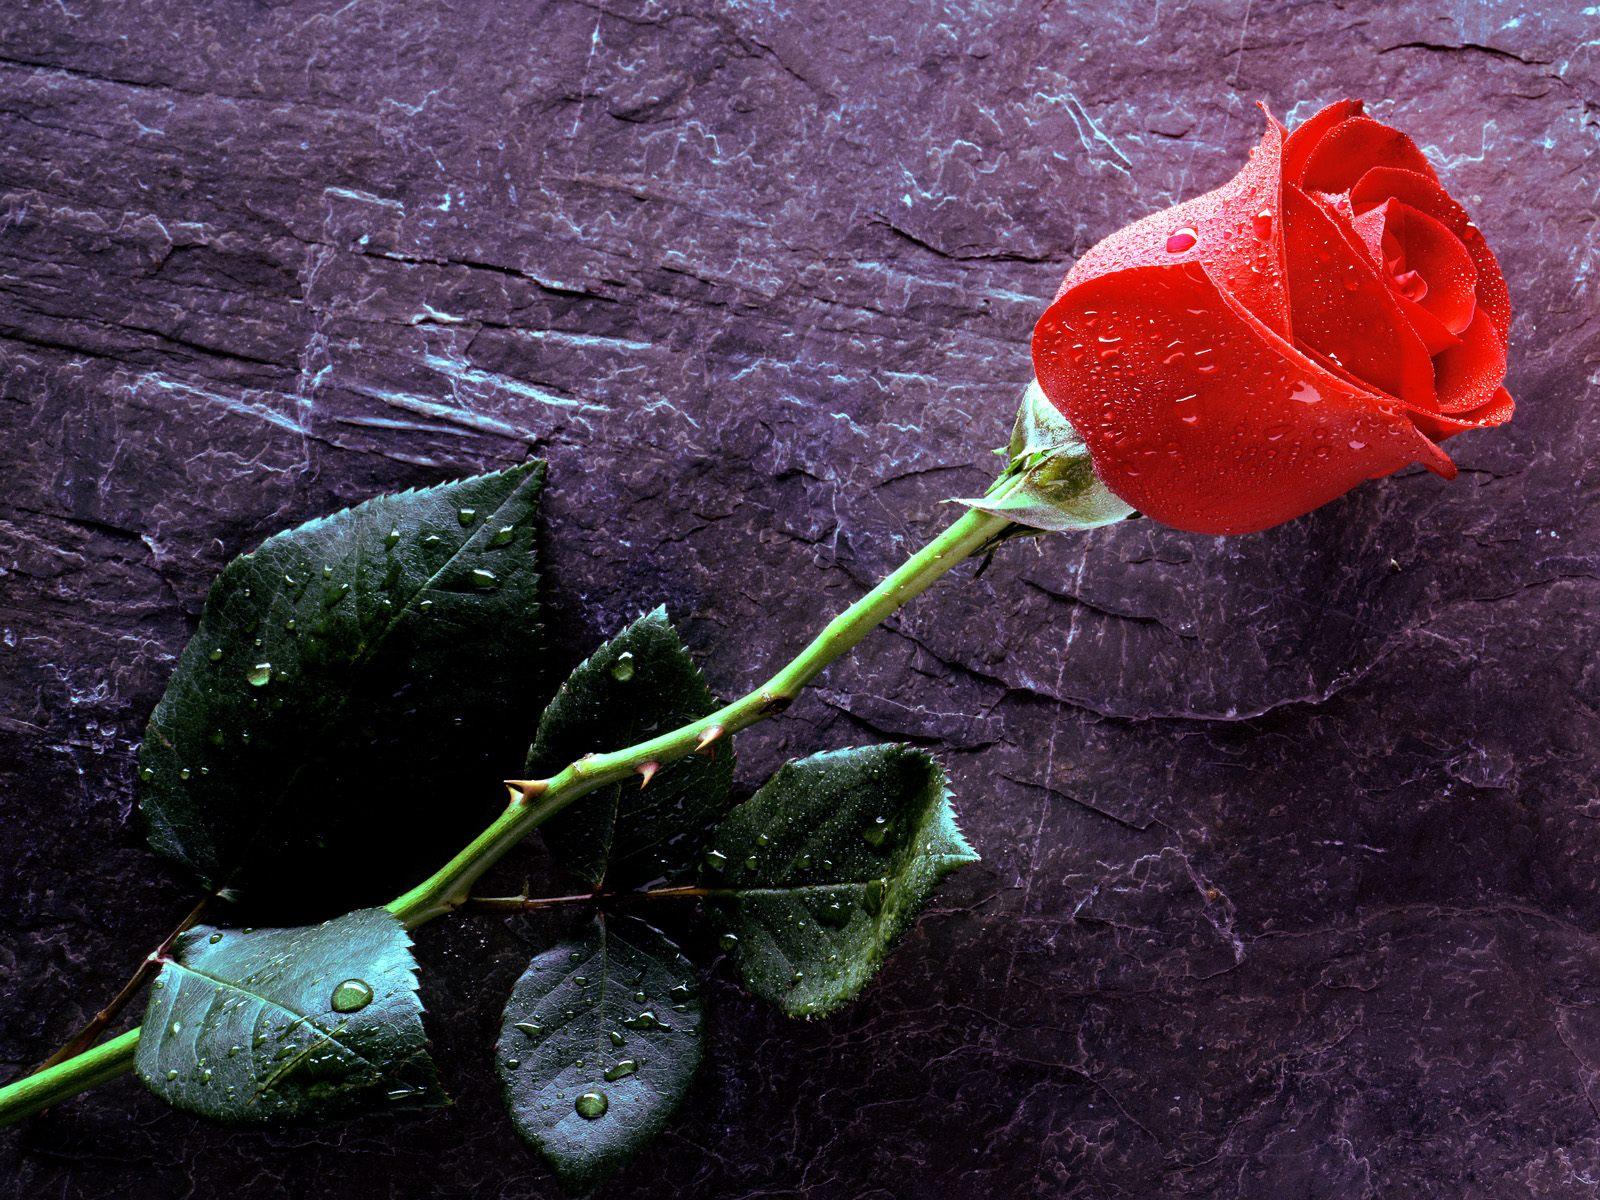 http://2.bp.blogspot.com/_RAlP3BmEW1Q/TQNbWj34HFI/AAAAAAAABAc/i5ZefA1rSs4/s1600/Bloemen-achtergronden-bloemen-wallpapers-7.jpg